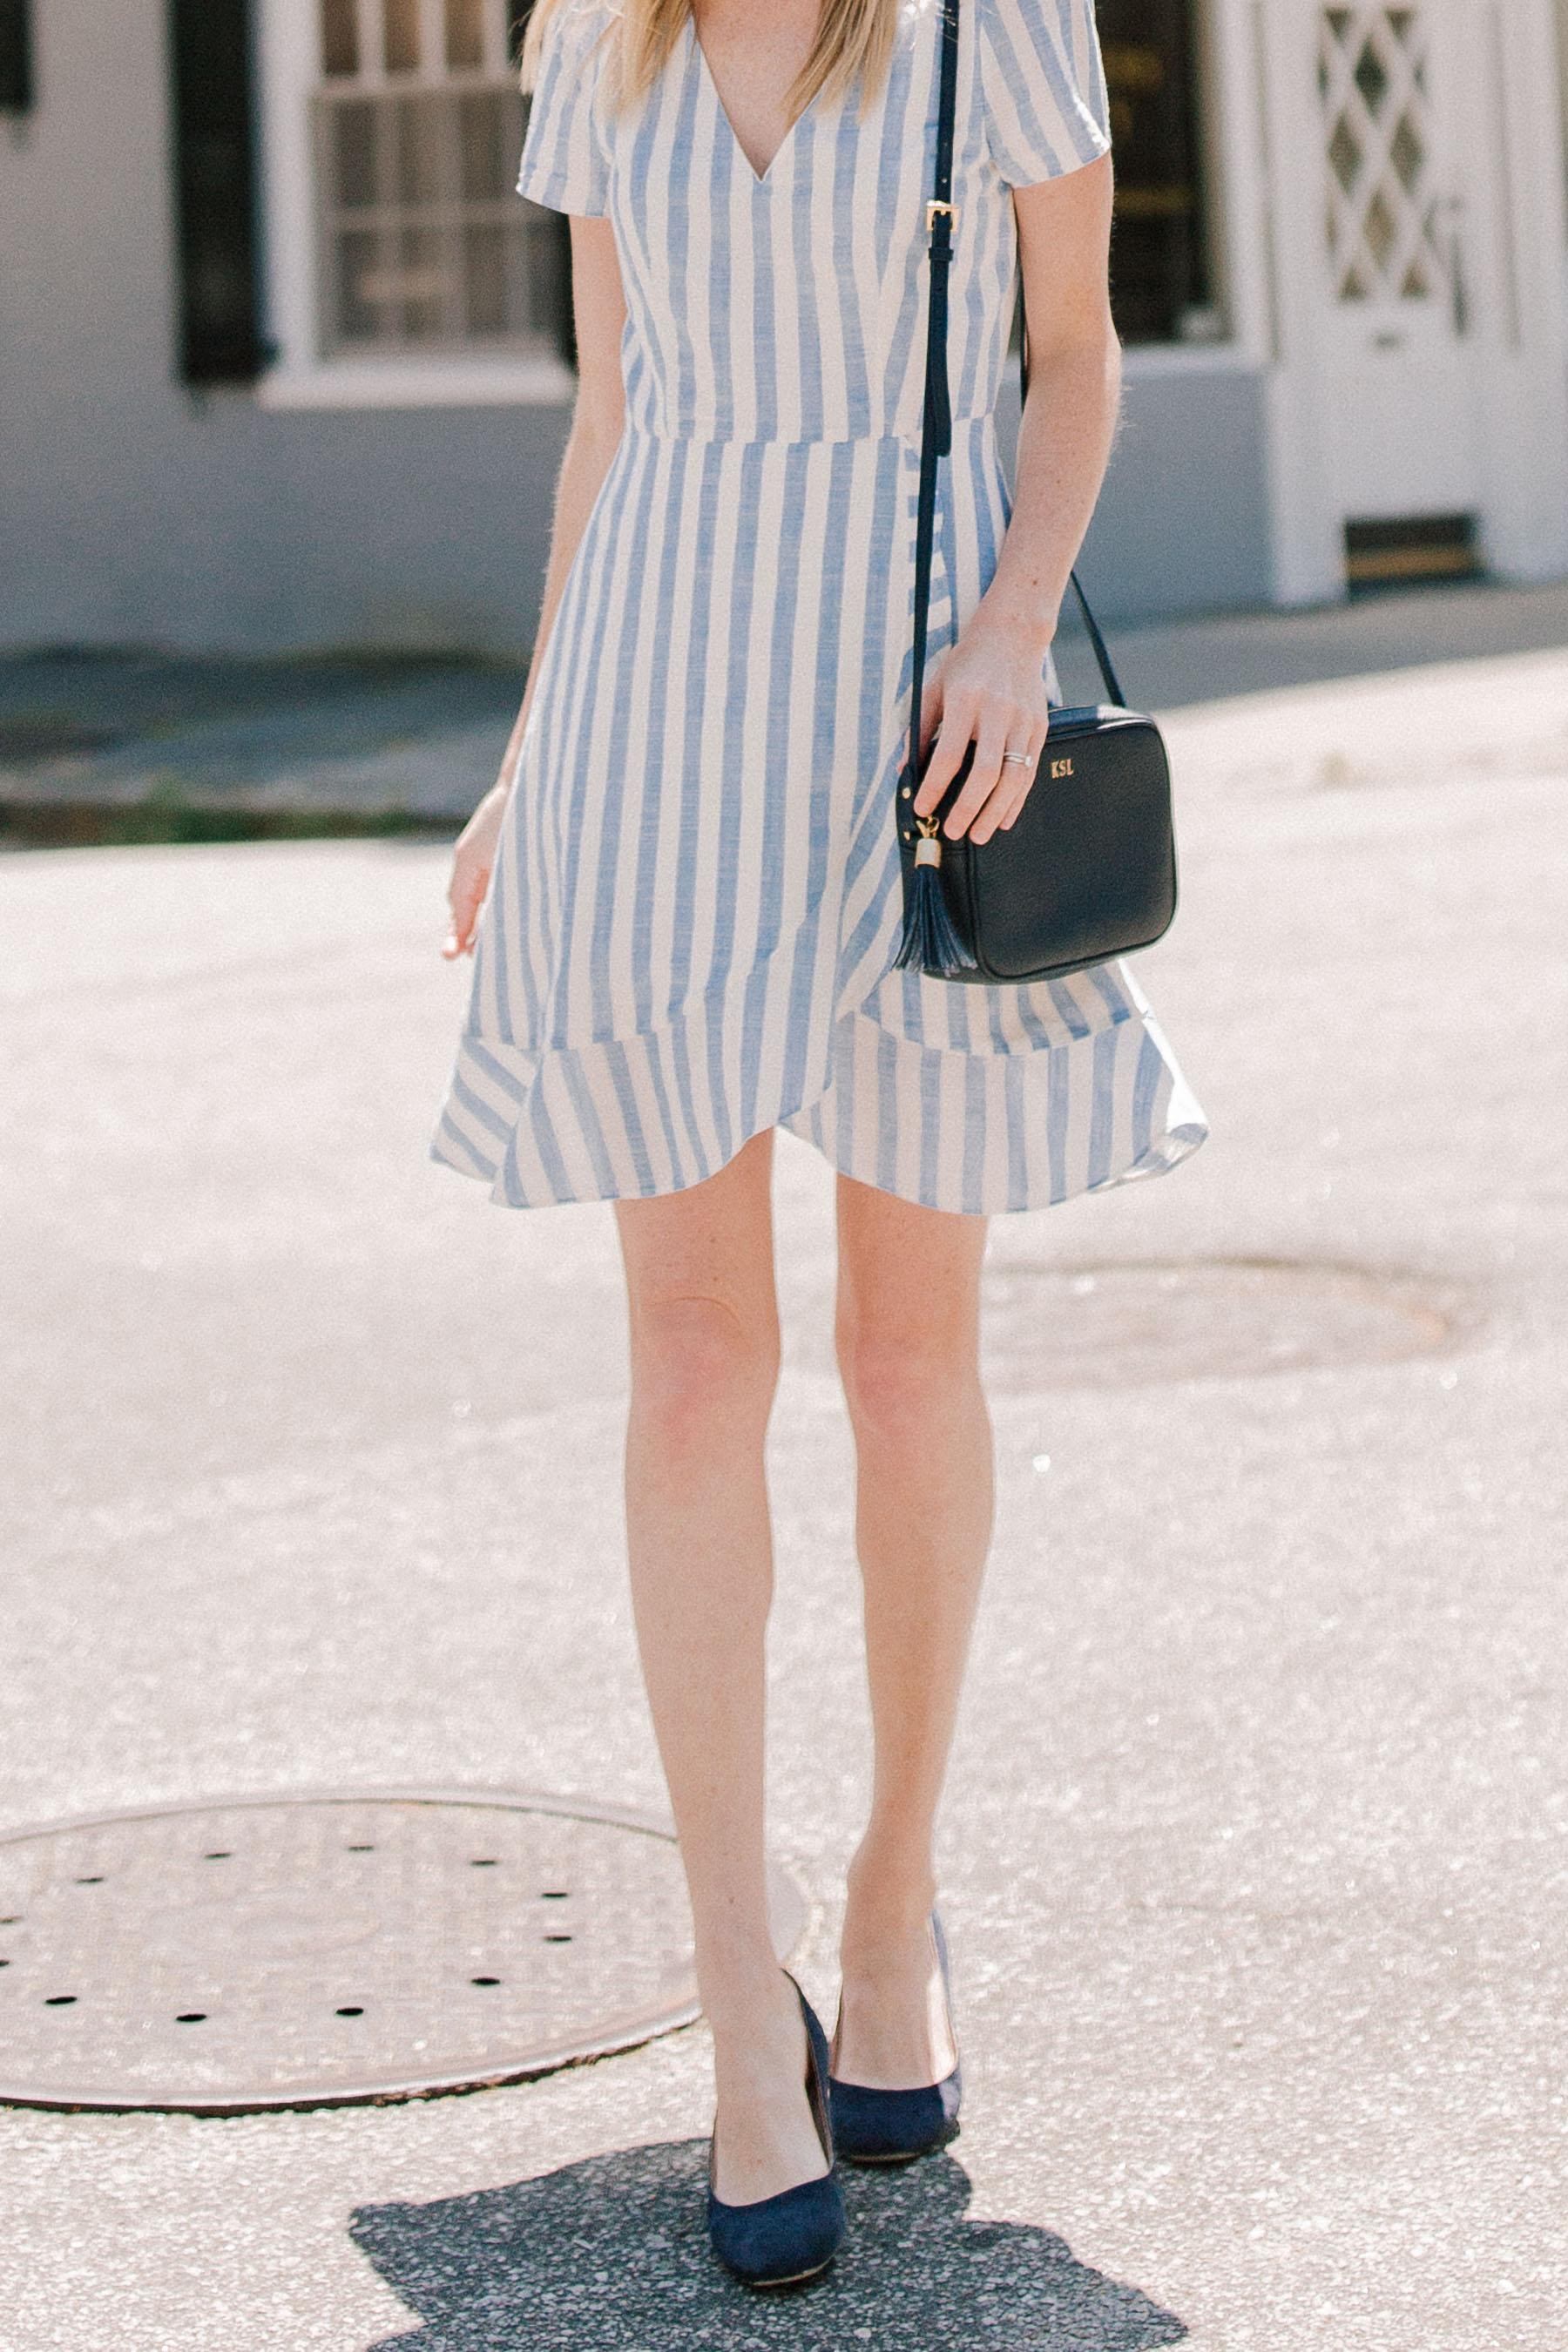 Striped Ruffle Wrap Dress By Jcrew Factory Kelly In The City